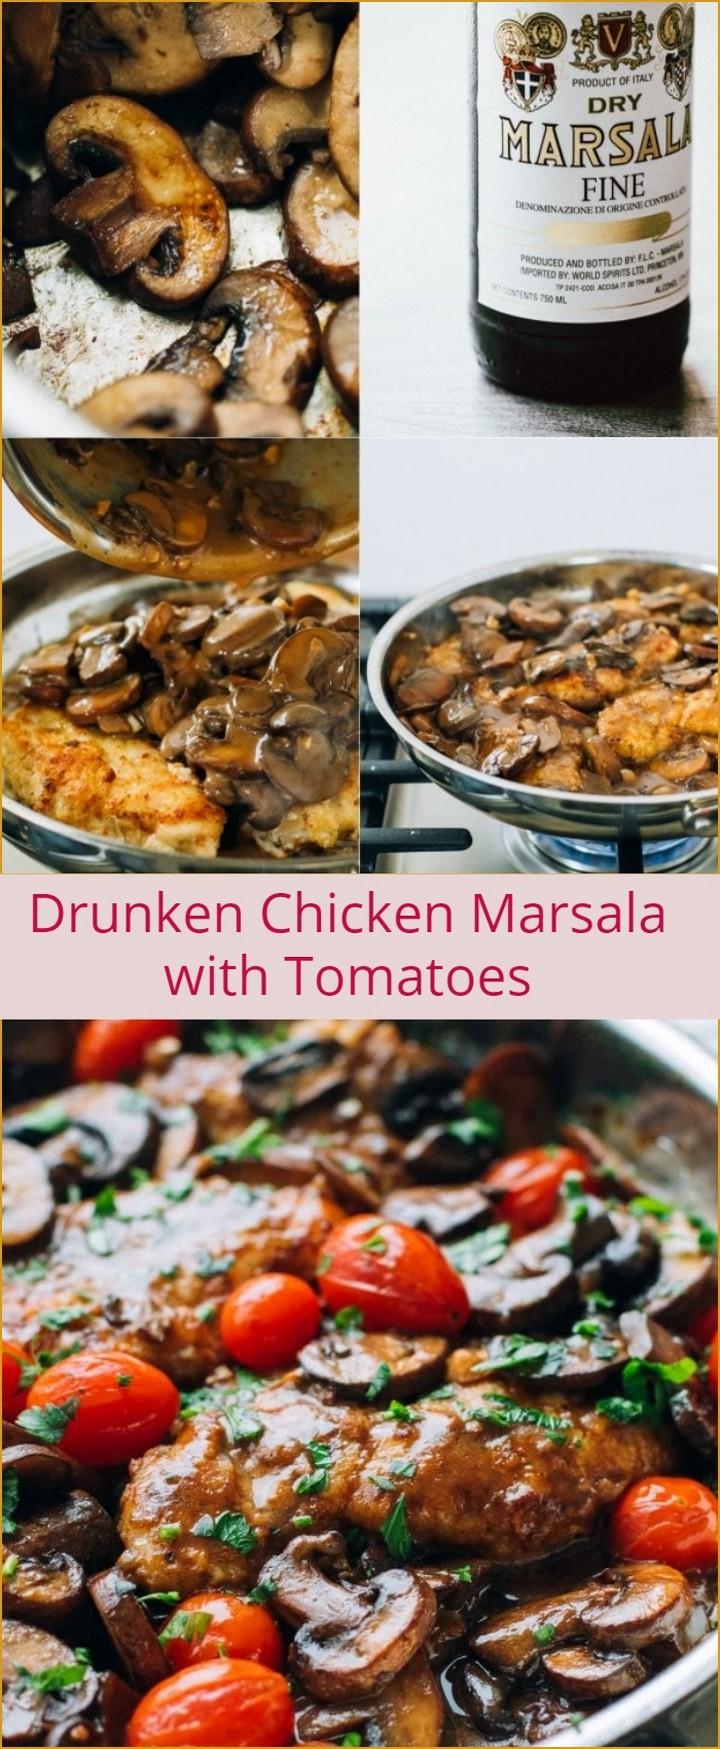 Drunken Chicken Marsala with Tomatoes 1 1